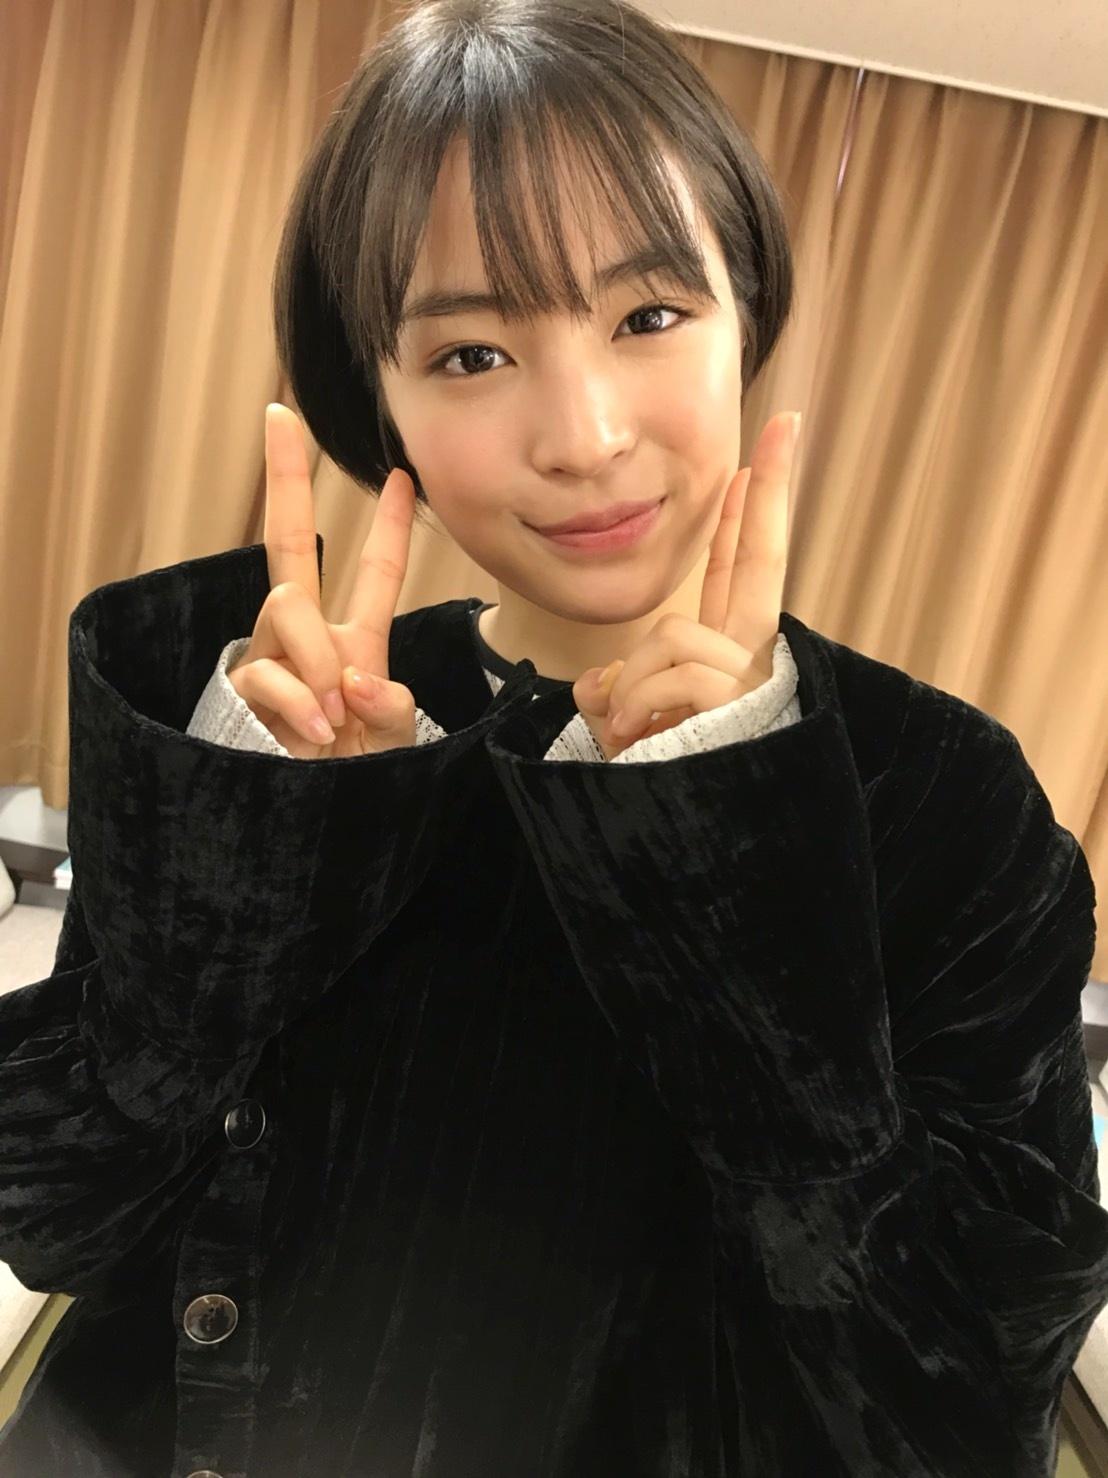 可愛いー広瀬すず姫♪_d0339889_19270057.jpg